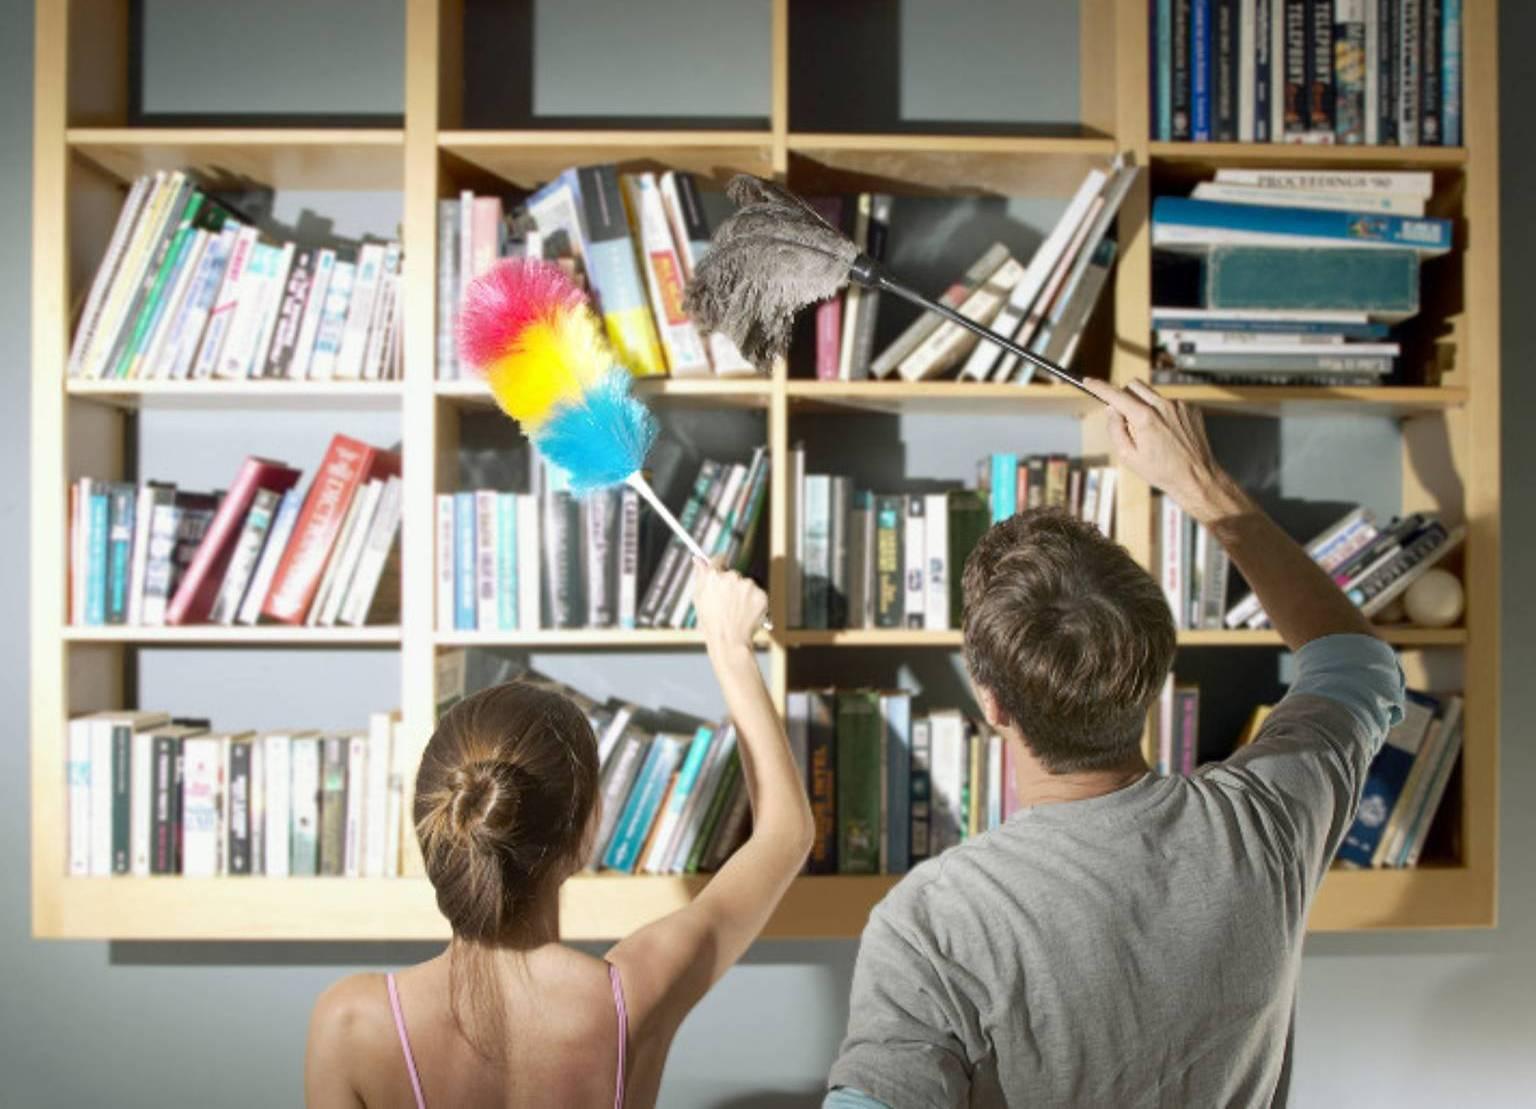 Убираться с помощником - проще и быстрее. Фото с сайта static.headline.kz